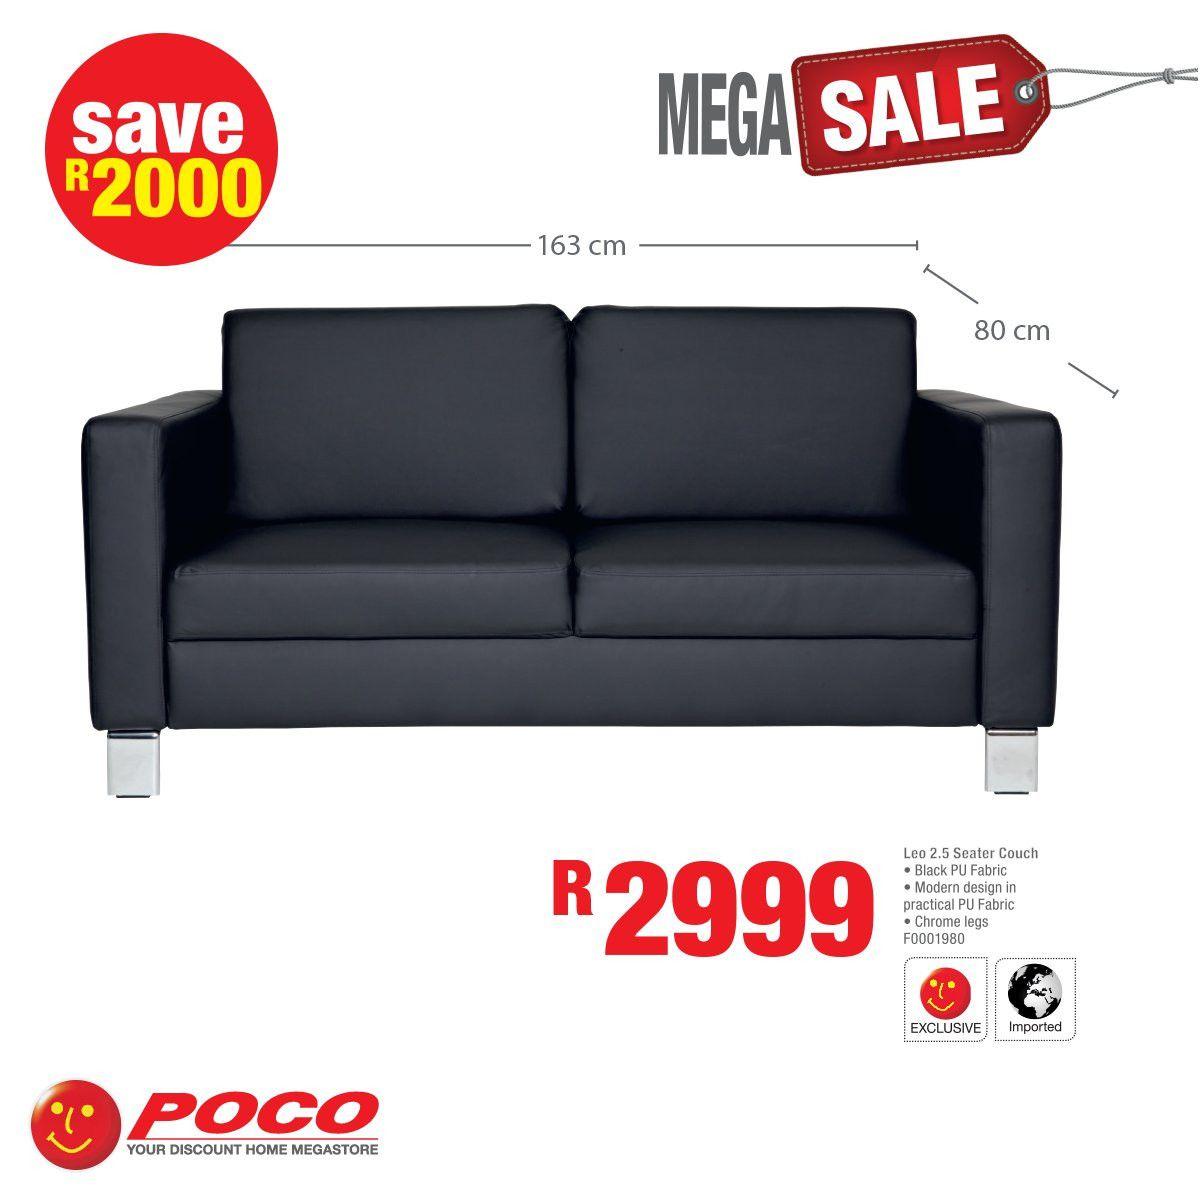 Positiv Poco Sofa